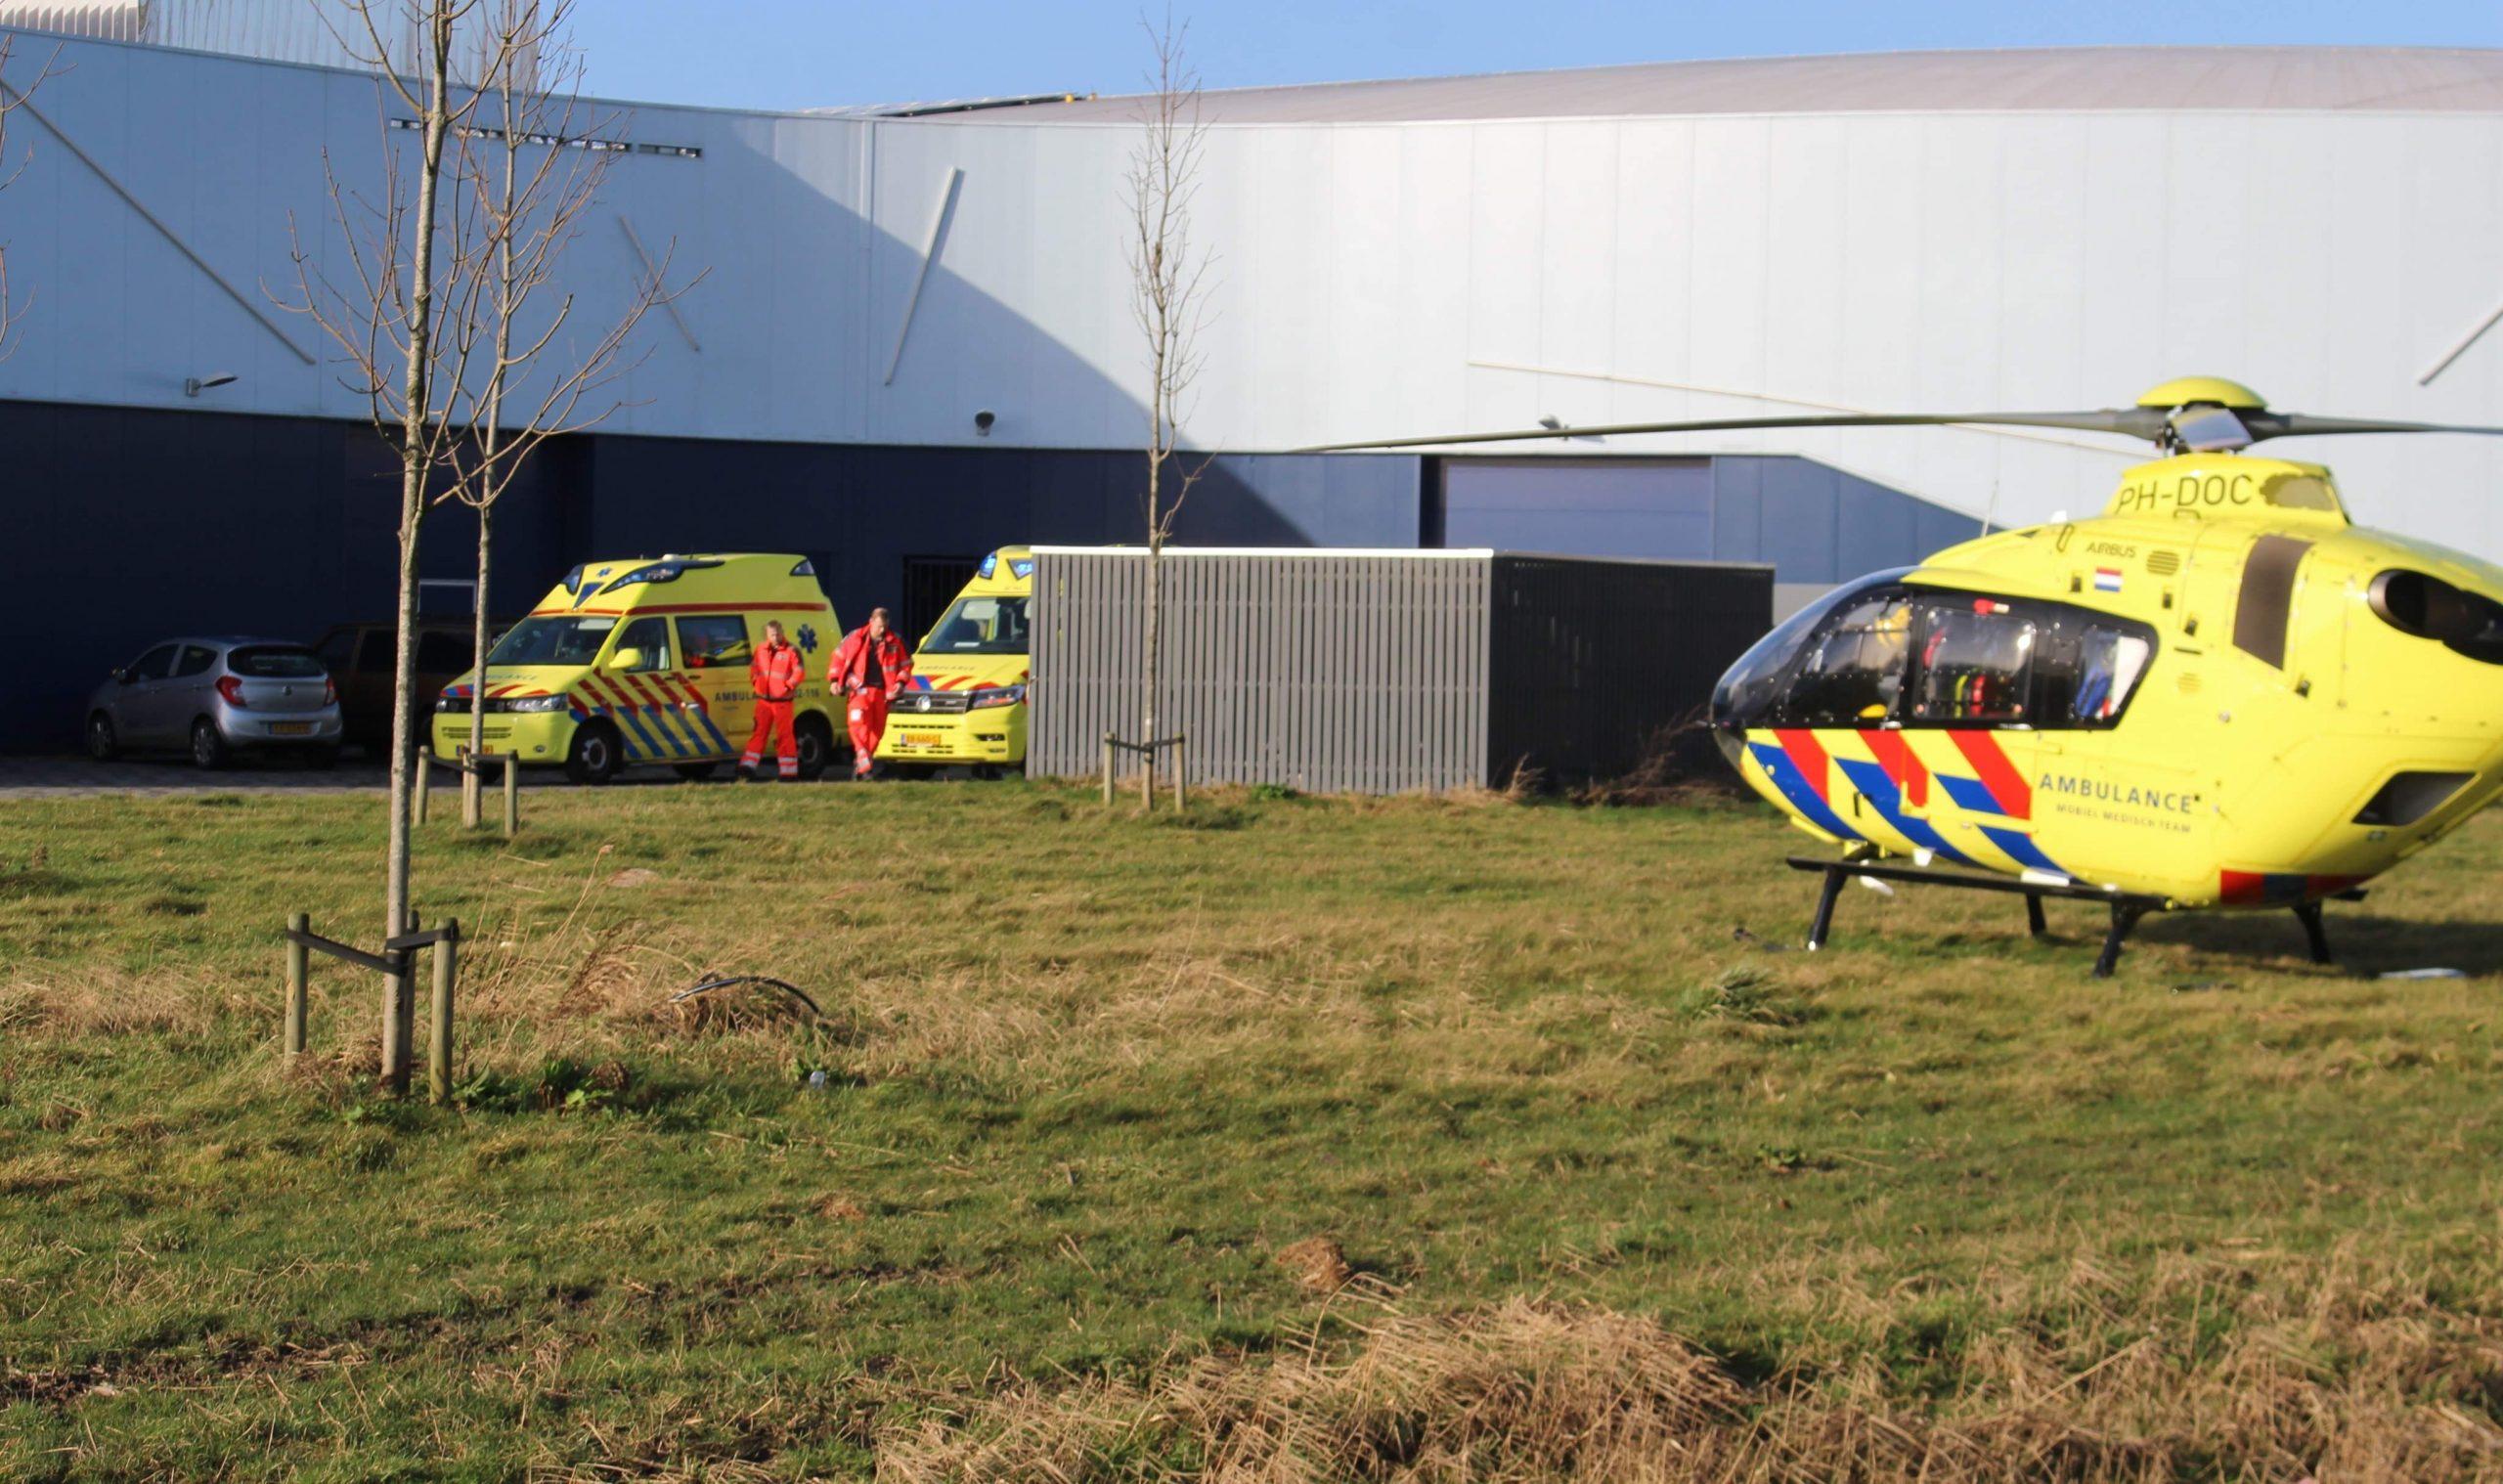 Traumahelikopter inzet na valpartij bij elfstedenhal in Leeuwarden